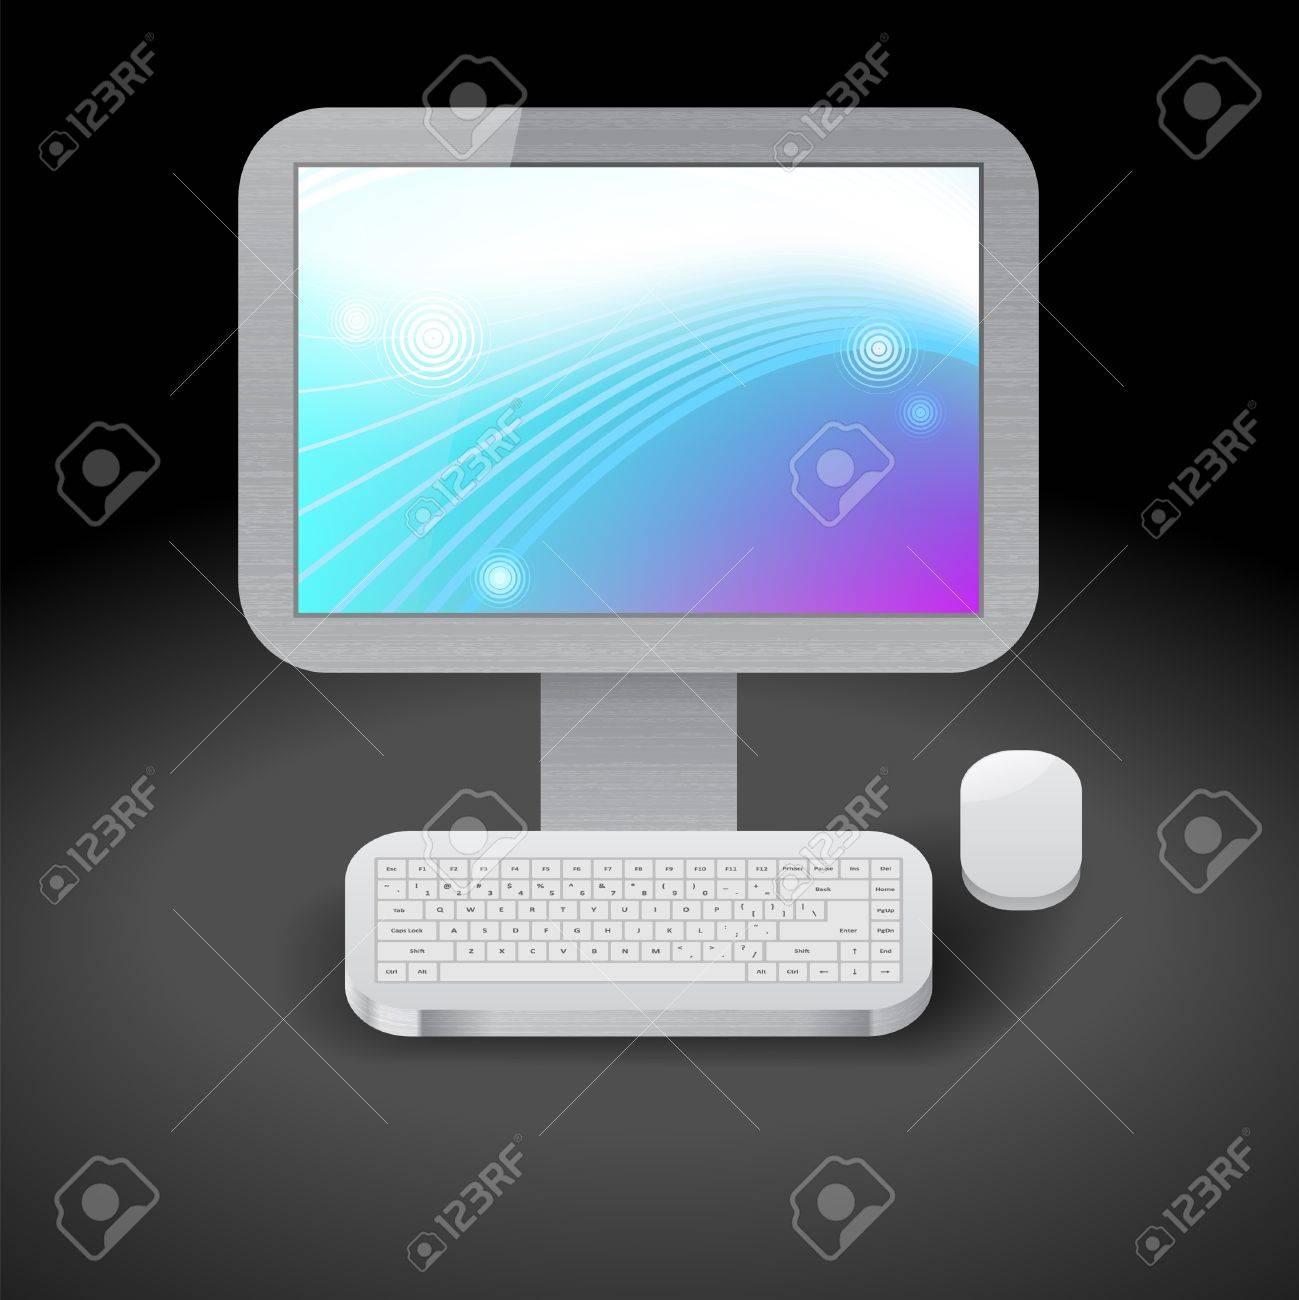 パソコンのディスプレイ上の青と紫の壁紙のアイコン 暗い背景 の